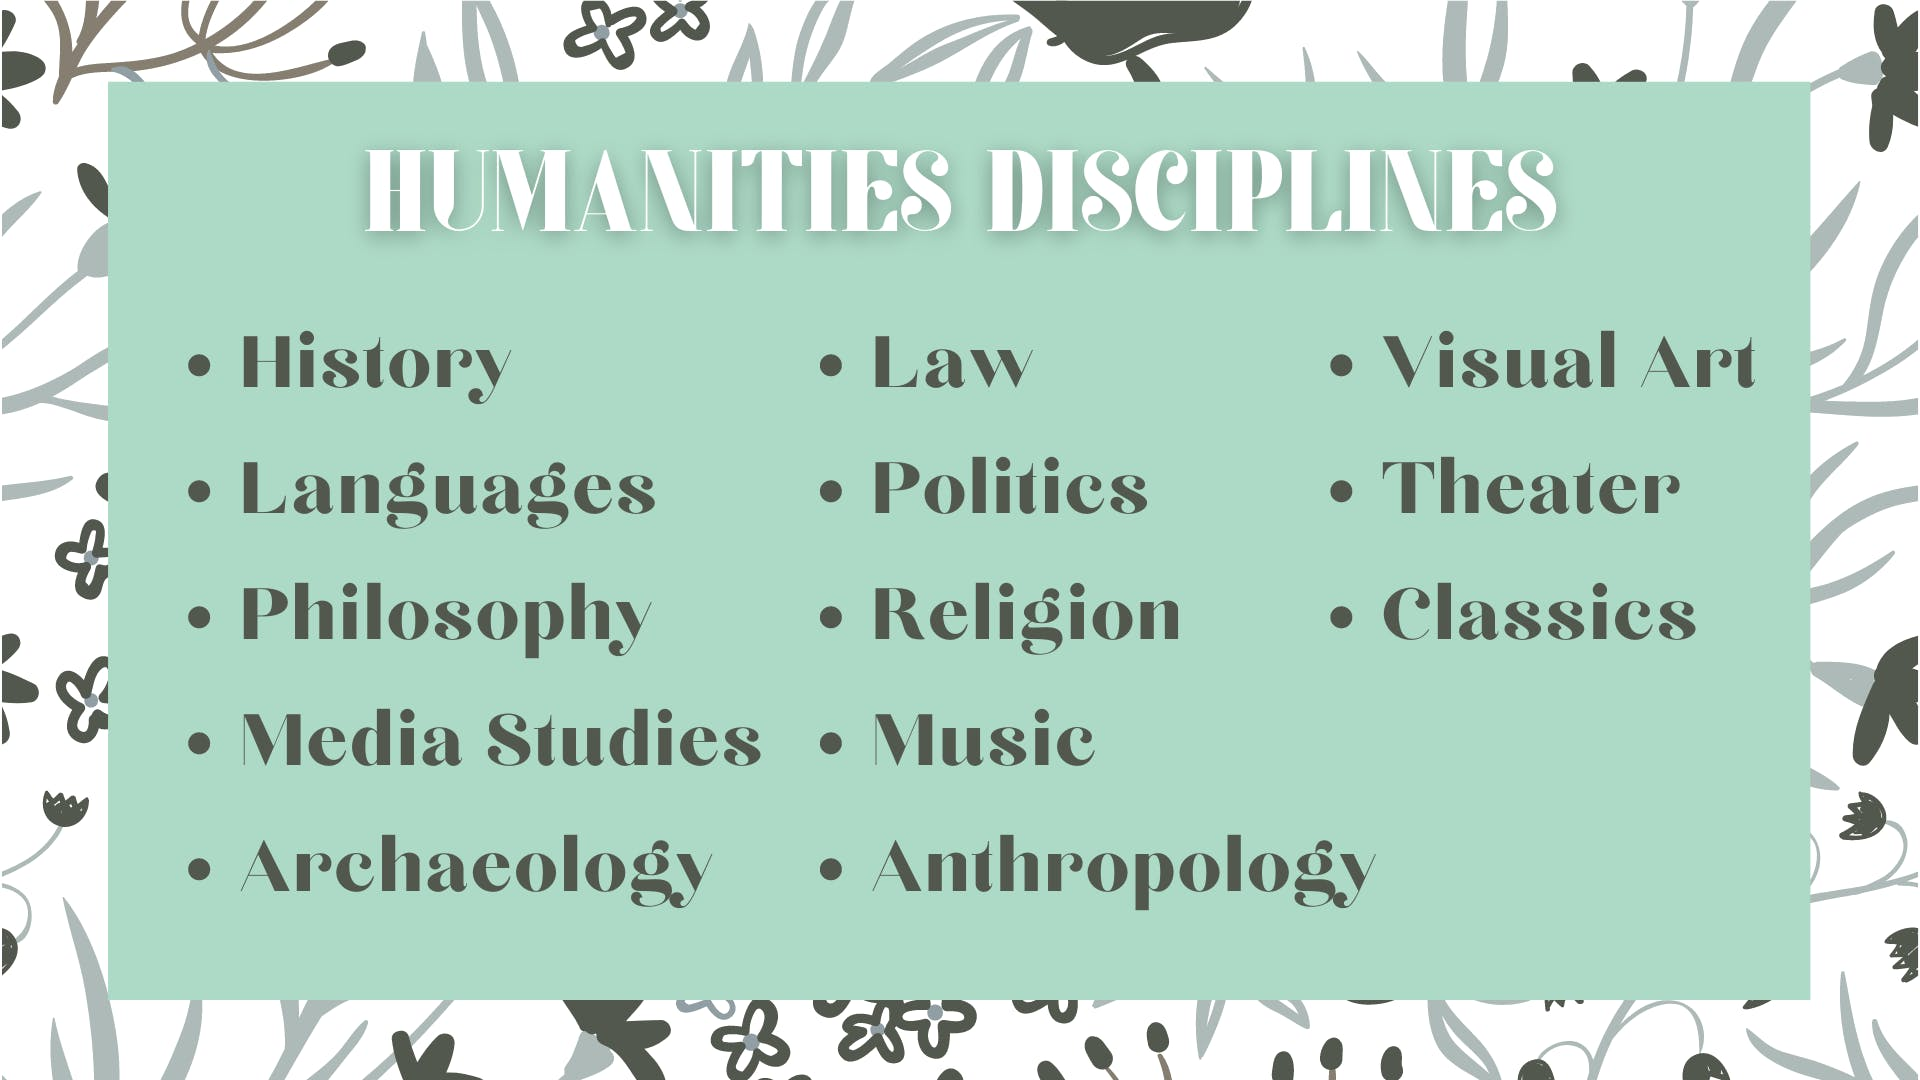 HUMANITIES DISCIPLINES(2).png